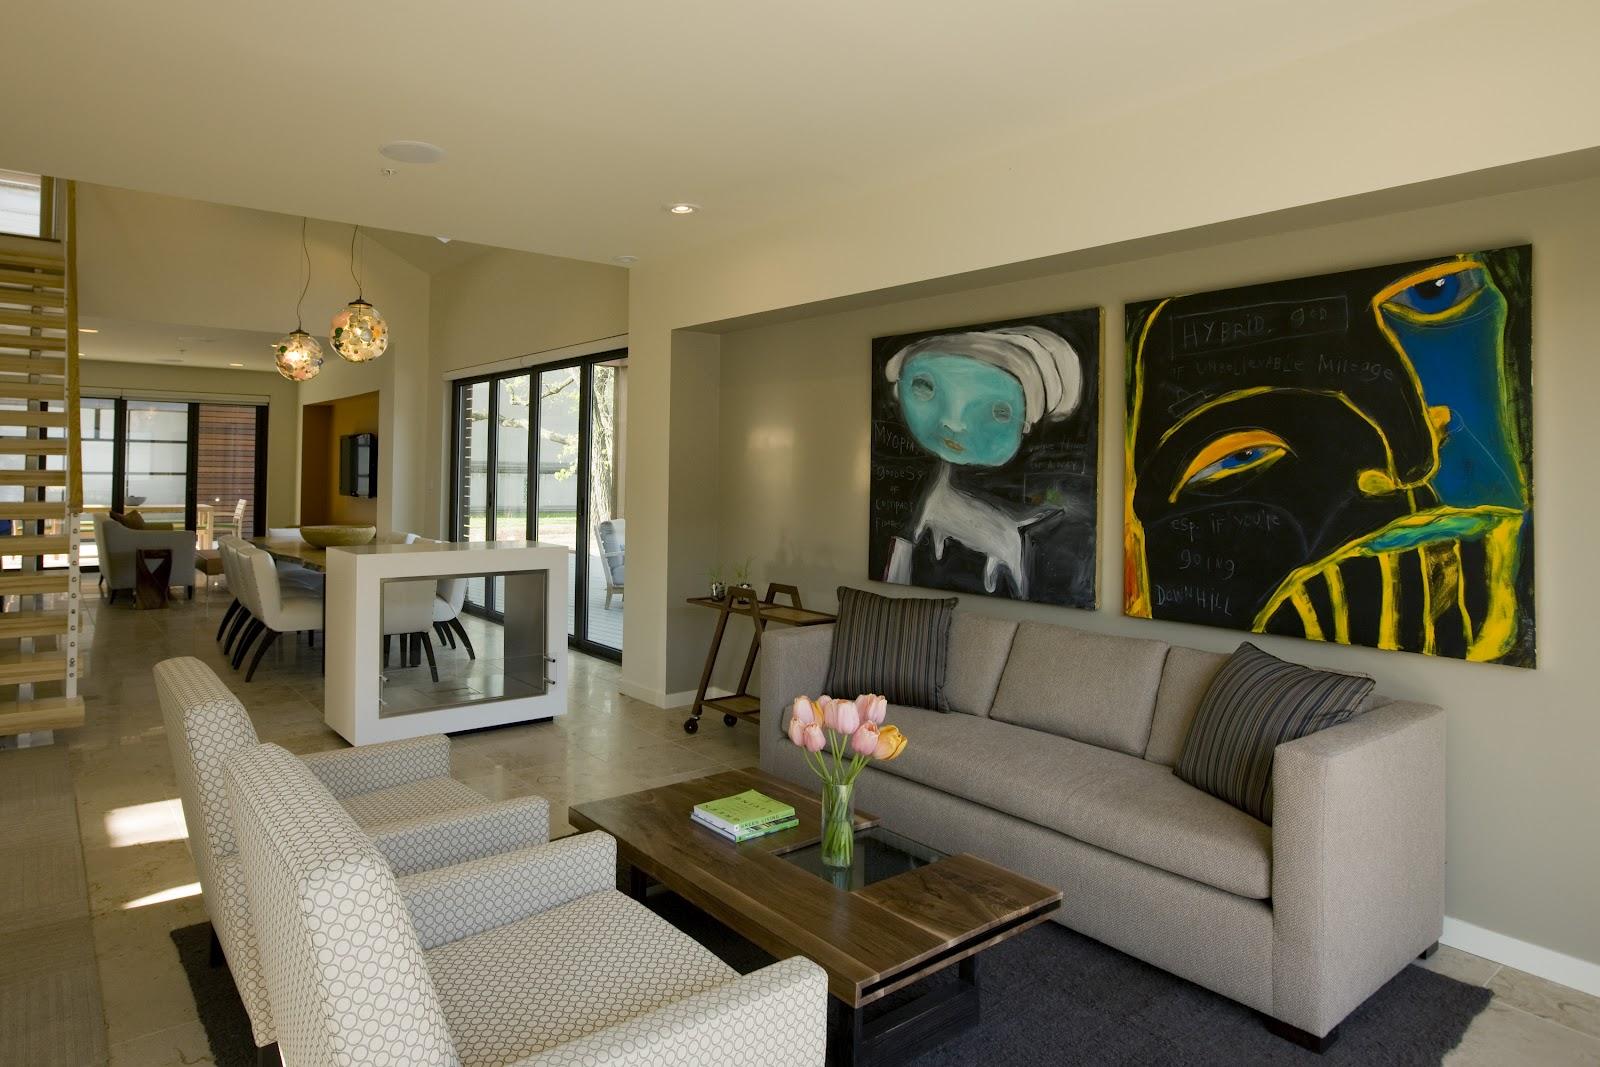 http://1.bp.blogspot.com/-onVPcuzttL0/T7-k9136QZI/AAAAAAAAAj8/8VQjArVO4LQ/s1600/Modern-Living-Room-Decoration.jpg